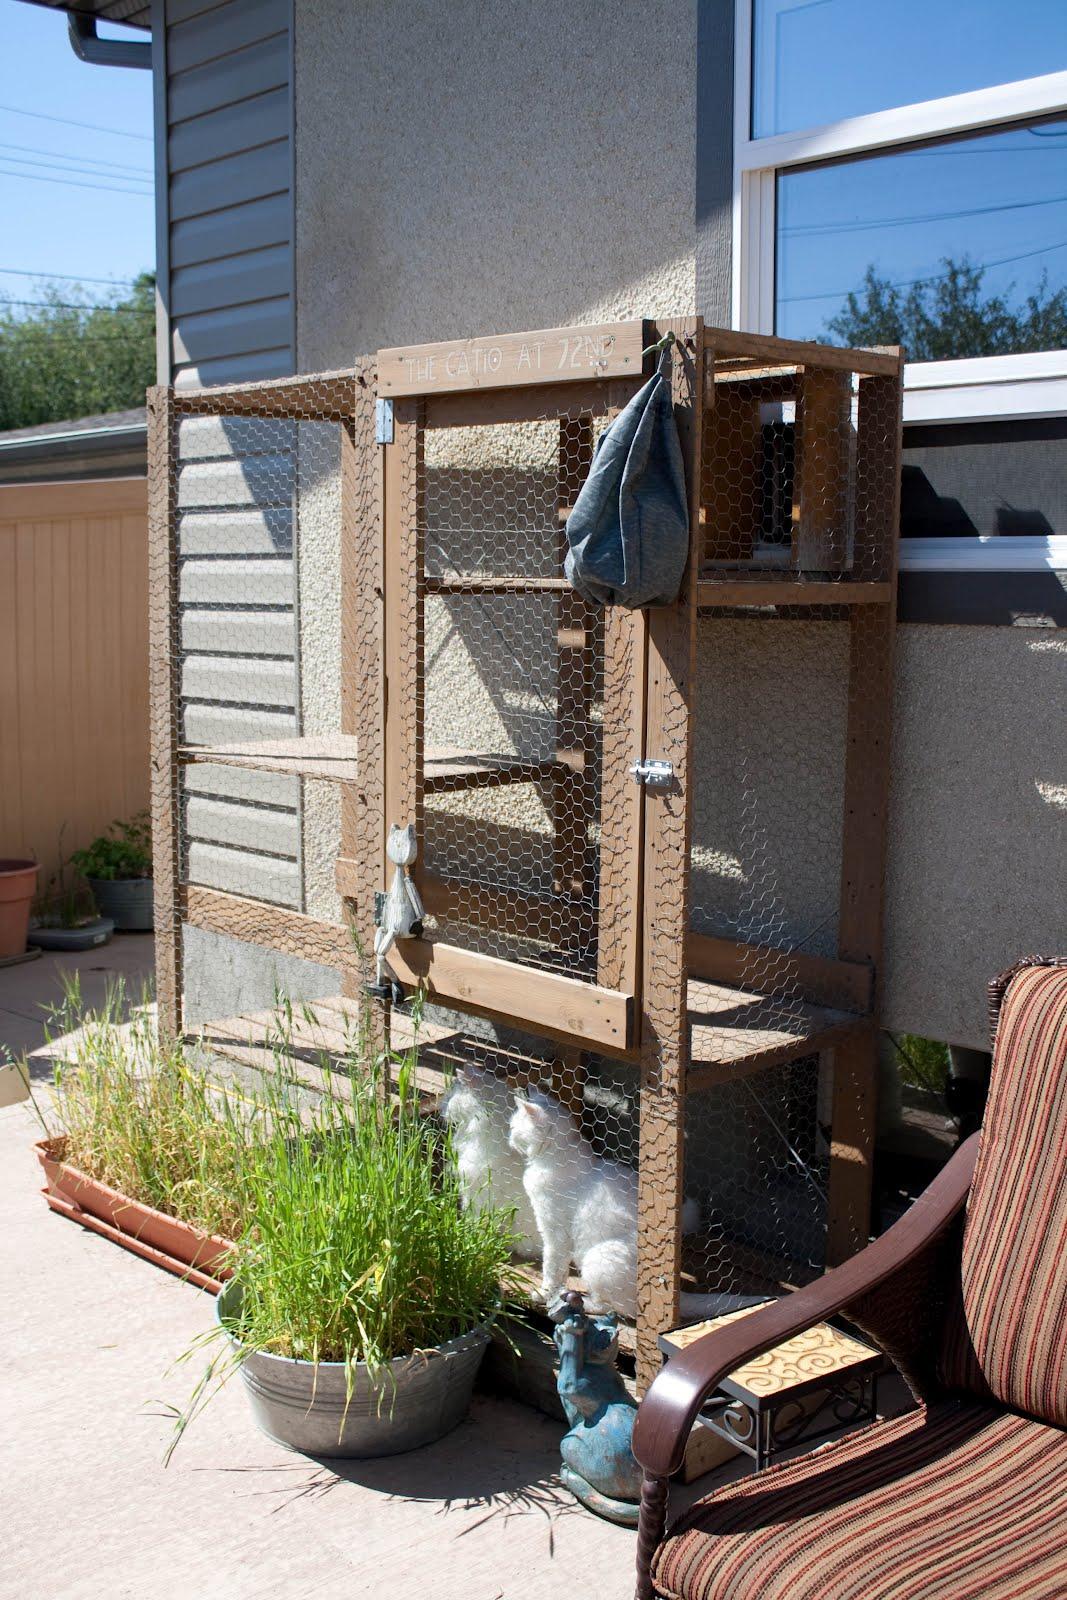 Outdoor Cat Enclosure - IKEA Hackers